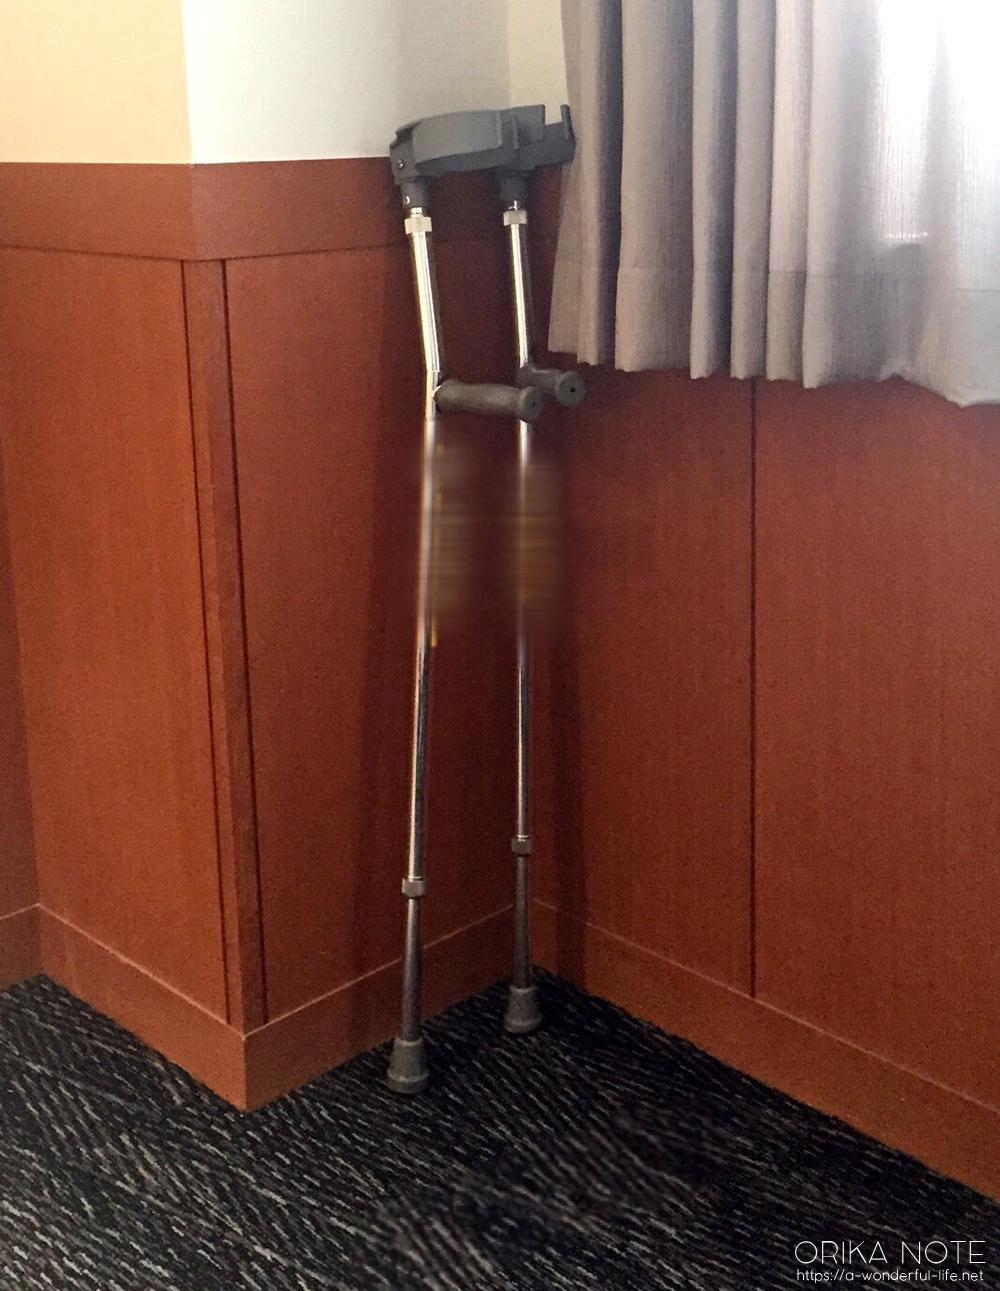 術後5日目|反復性膝蓋骨脱臼の内側膝蓋大腿靭帯(MPFL)再建術